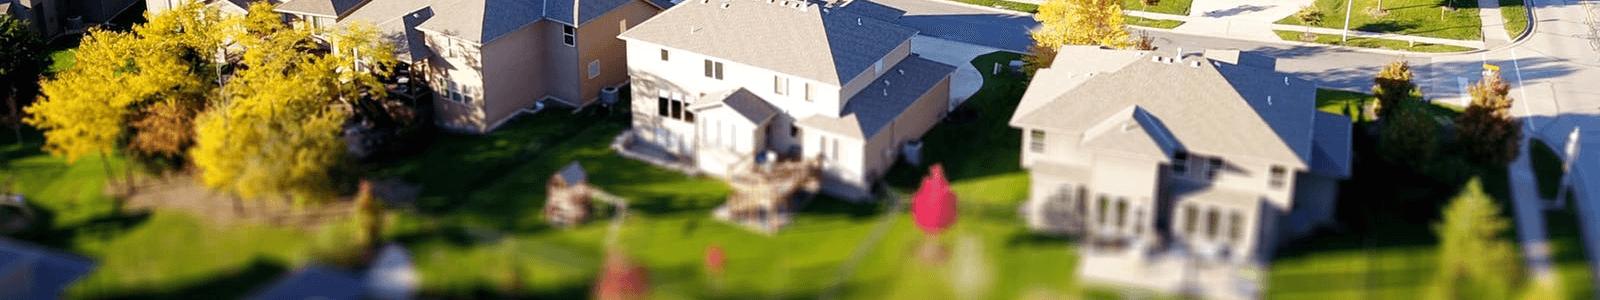 lenen voor hypotheek